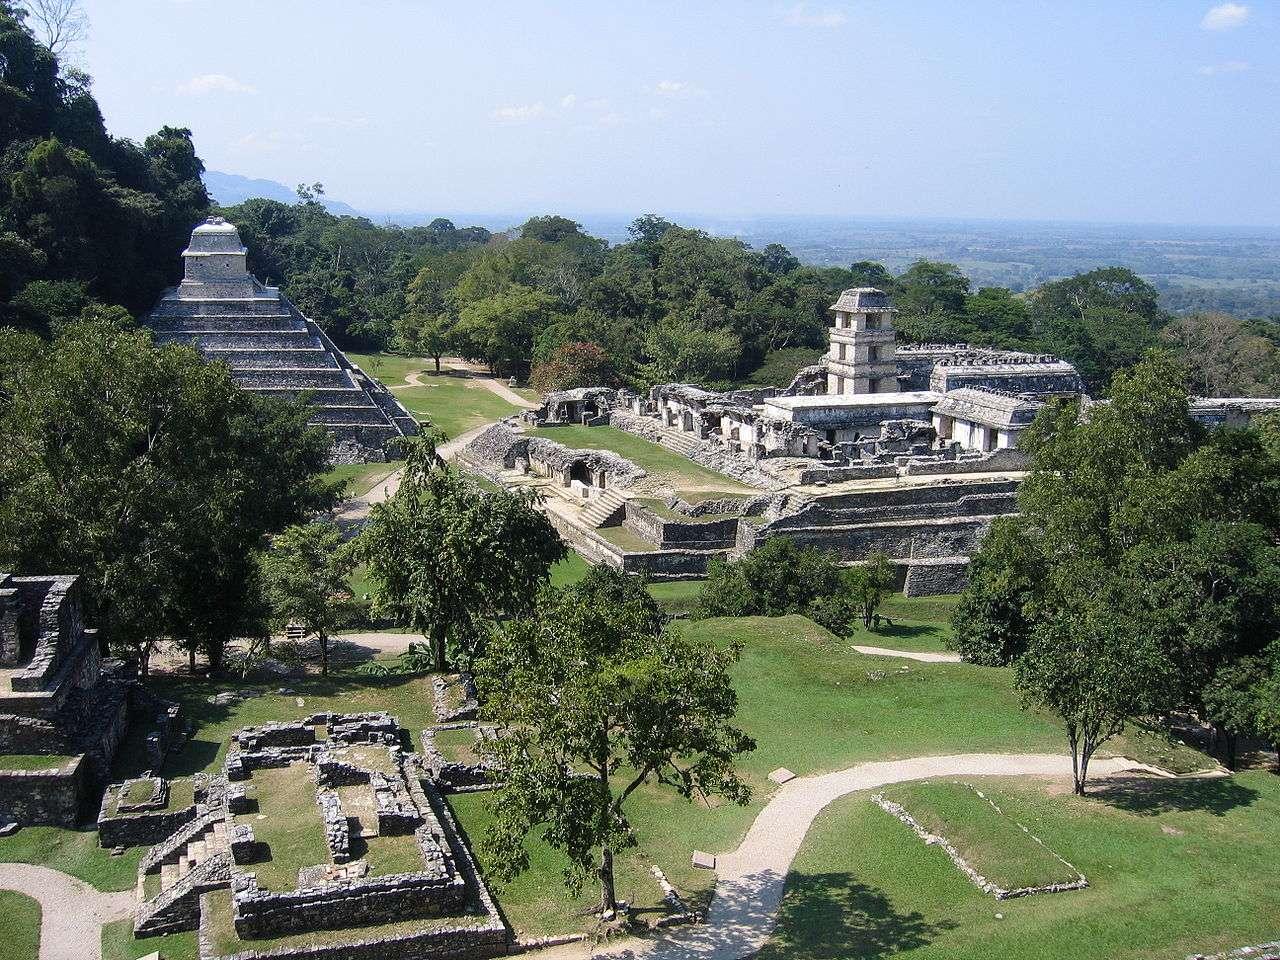 Palenque, dans l'État mexicain du Chiapas, près du fleuve Usumacinta, est mondialement célèbre. C'est l'un des sites mayas les plus impressionnants. On estime avoir exploré moins de 10 % de la superficie totale de la cité. Il reste encore plus de mille structures couvertes par la forêt. © Wikipédia, Peter Andersen